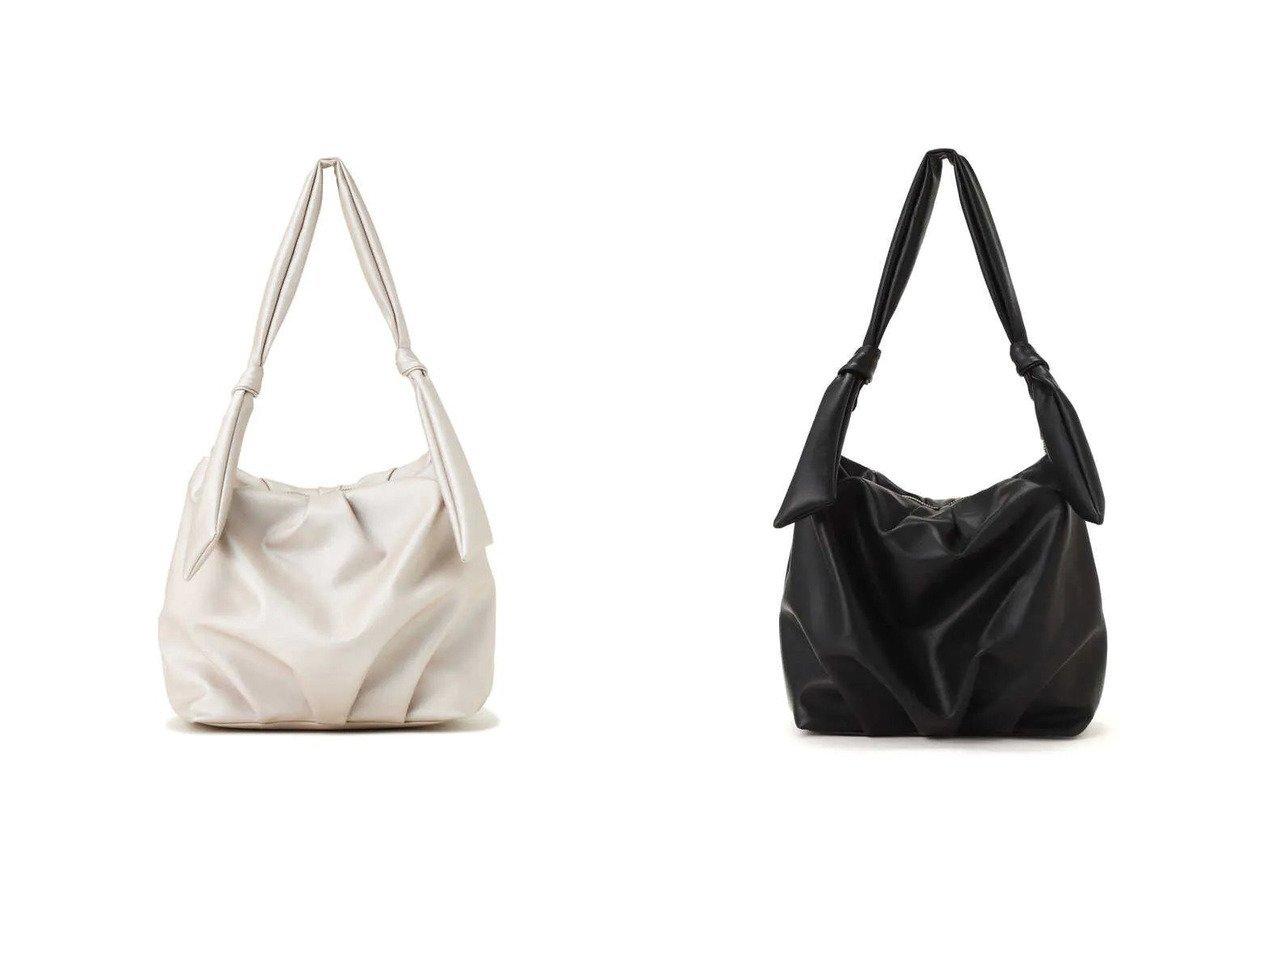 【PROPORTION BODY DRESSING/プロポーション ボディドレッシング】のタックリボンショルダーバッグ 【バッグ・鞄】おすすめ!人気、トレンド・レディースファッションの通販 おすすめで人気の流行・トレンド、ファッションの通販商品 インテリア・家具・メンズファッション・キッズファッション・レディースファッション・服の通販 founy(ファニー) https://founy.com/ ファッション Fashion レディースファッション WOMEN バッグ Bag ショルダー シンプル フォルム リボン  ID:crp329100000047573